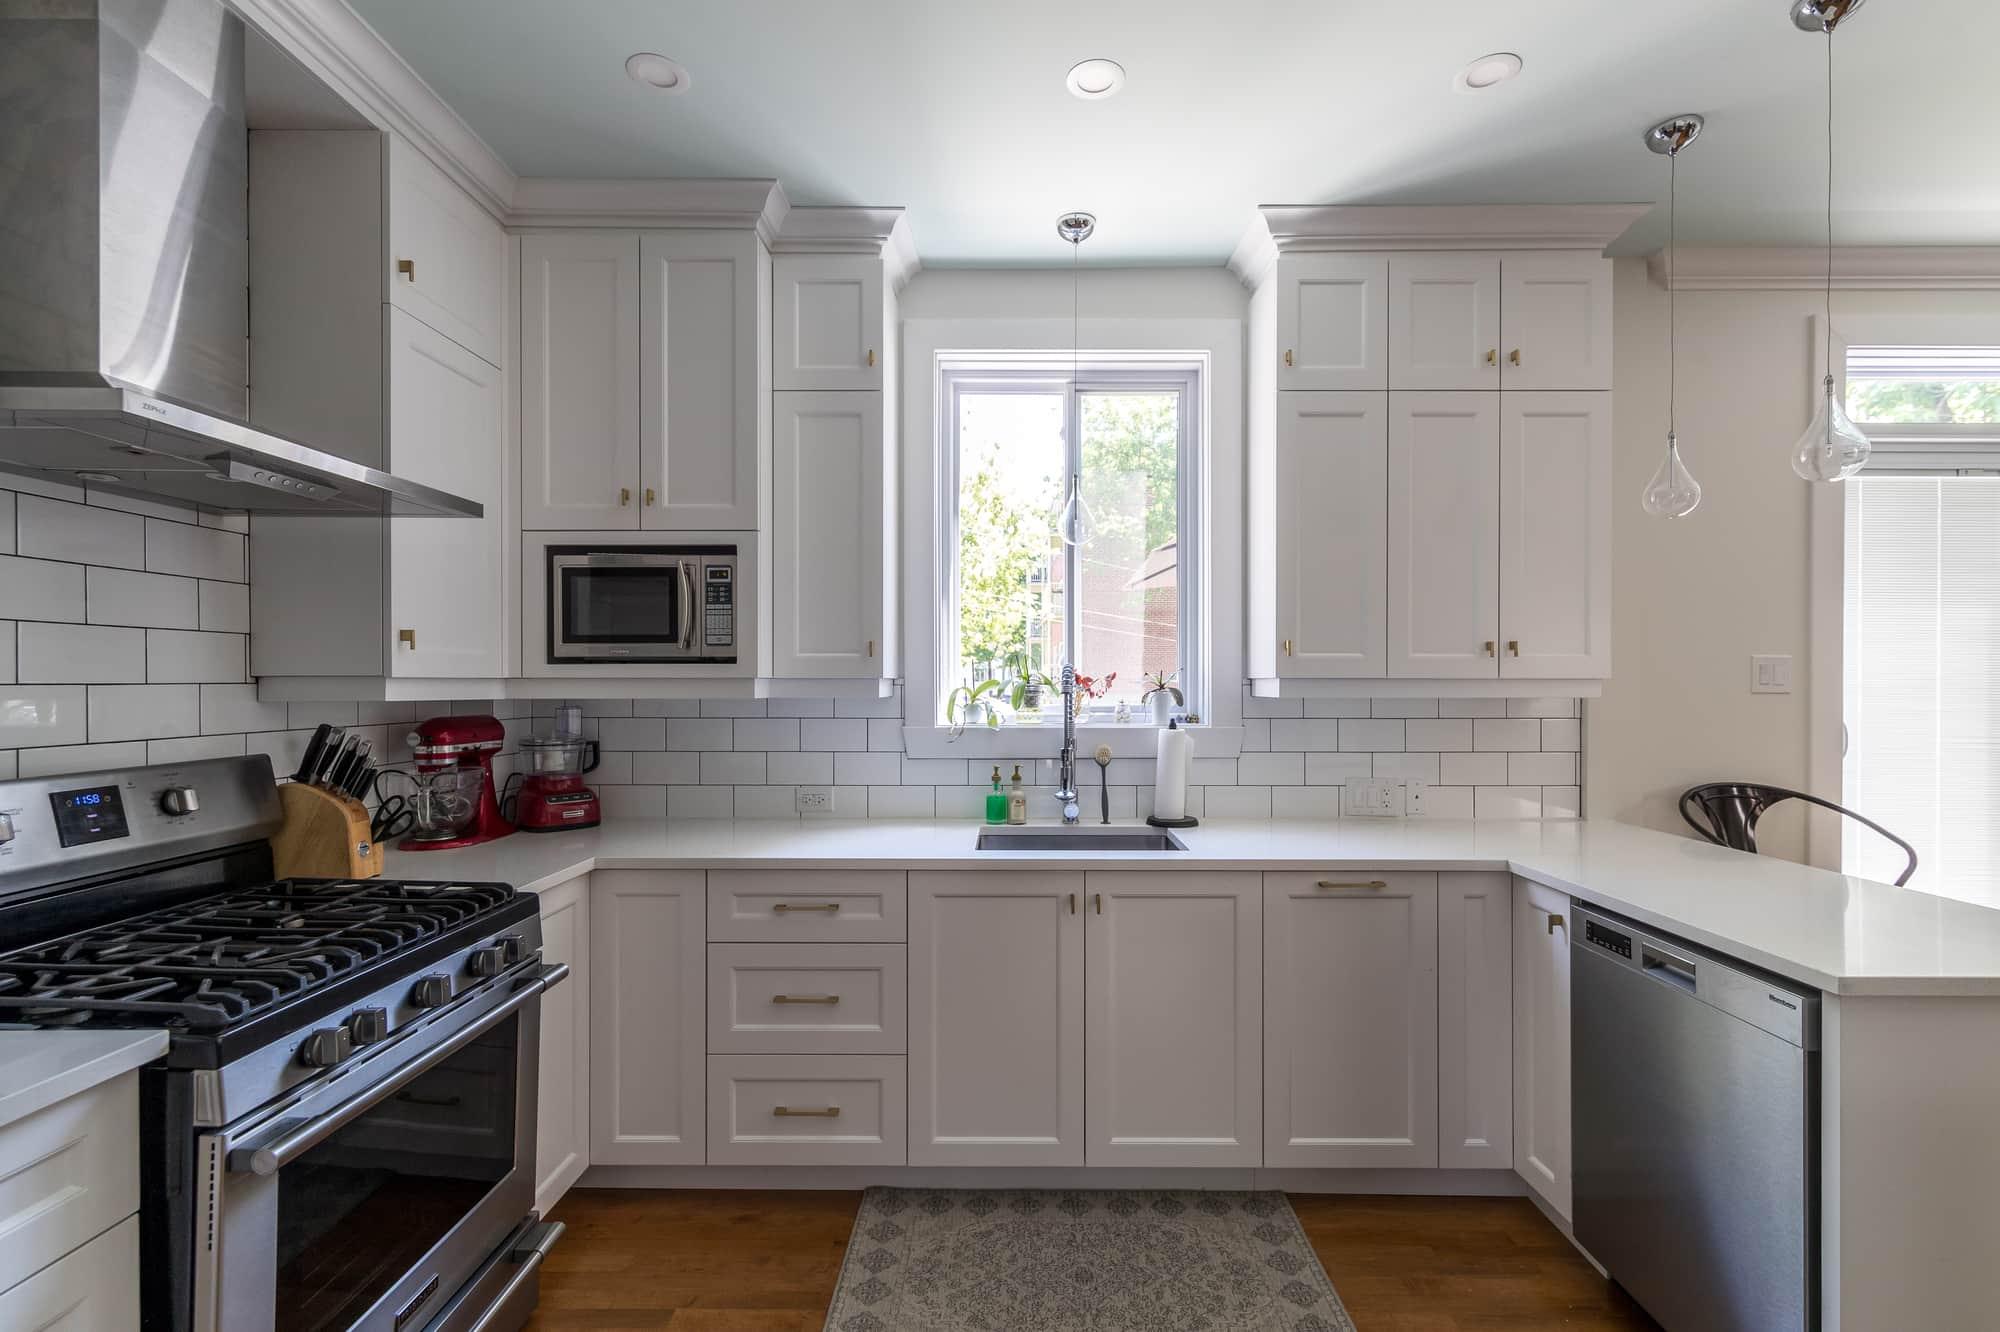 Cuisine moderne blanche avec plancher en bois franc et comptoir en quartz